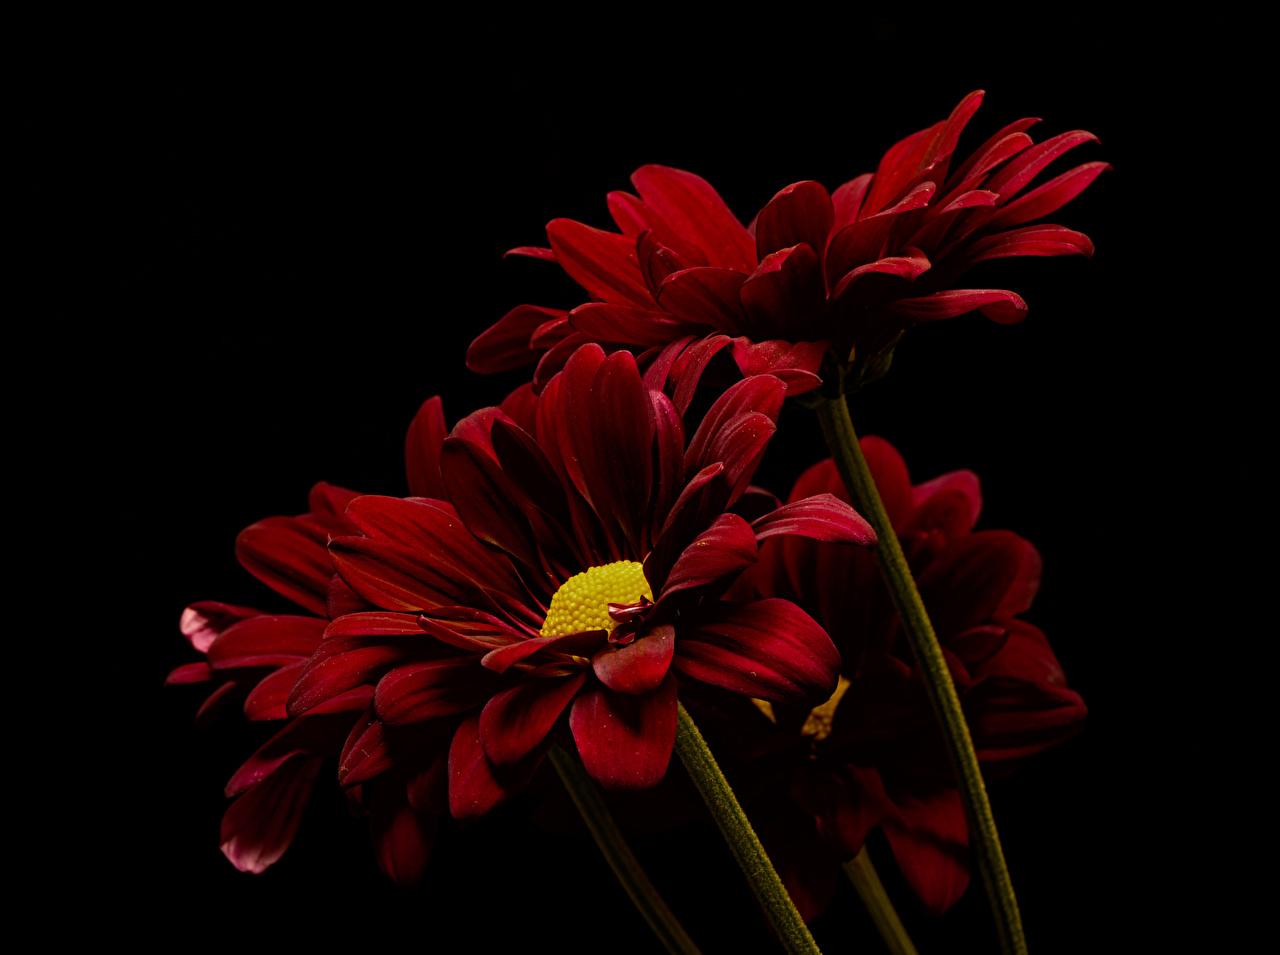 Фото темно красный Цветы Хризантемы Черный фон Крупным планом бордовая бордовые Бордовый цветок вблизи на черном фоне